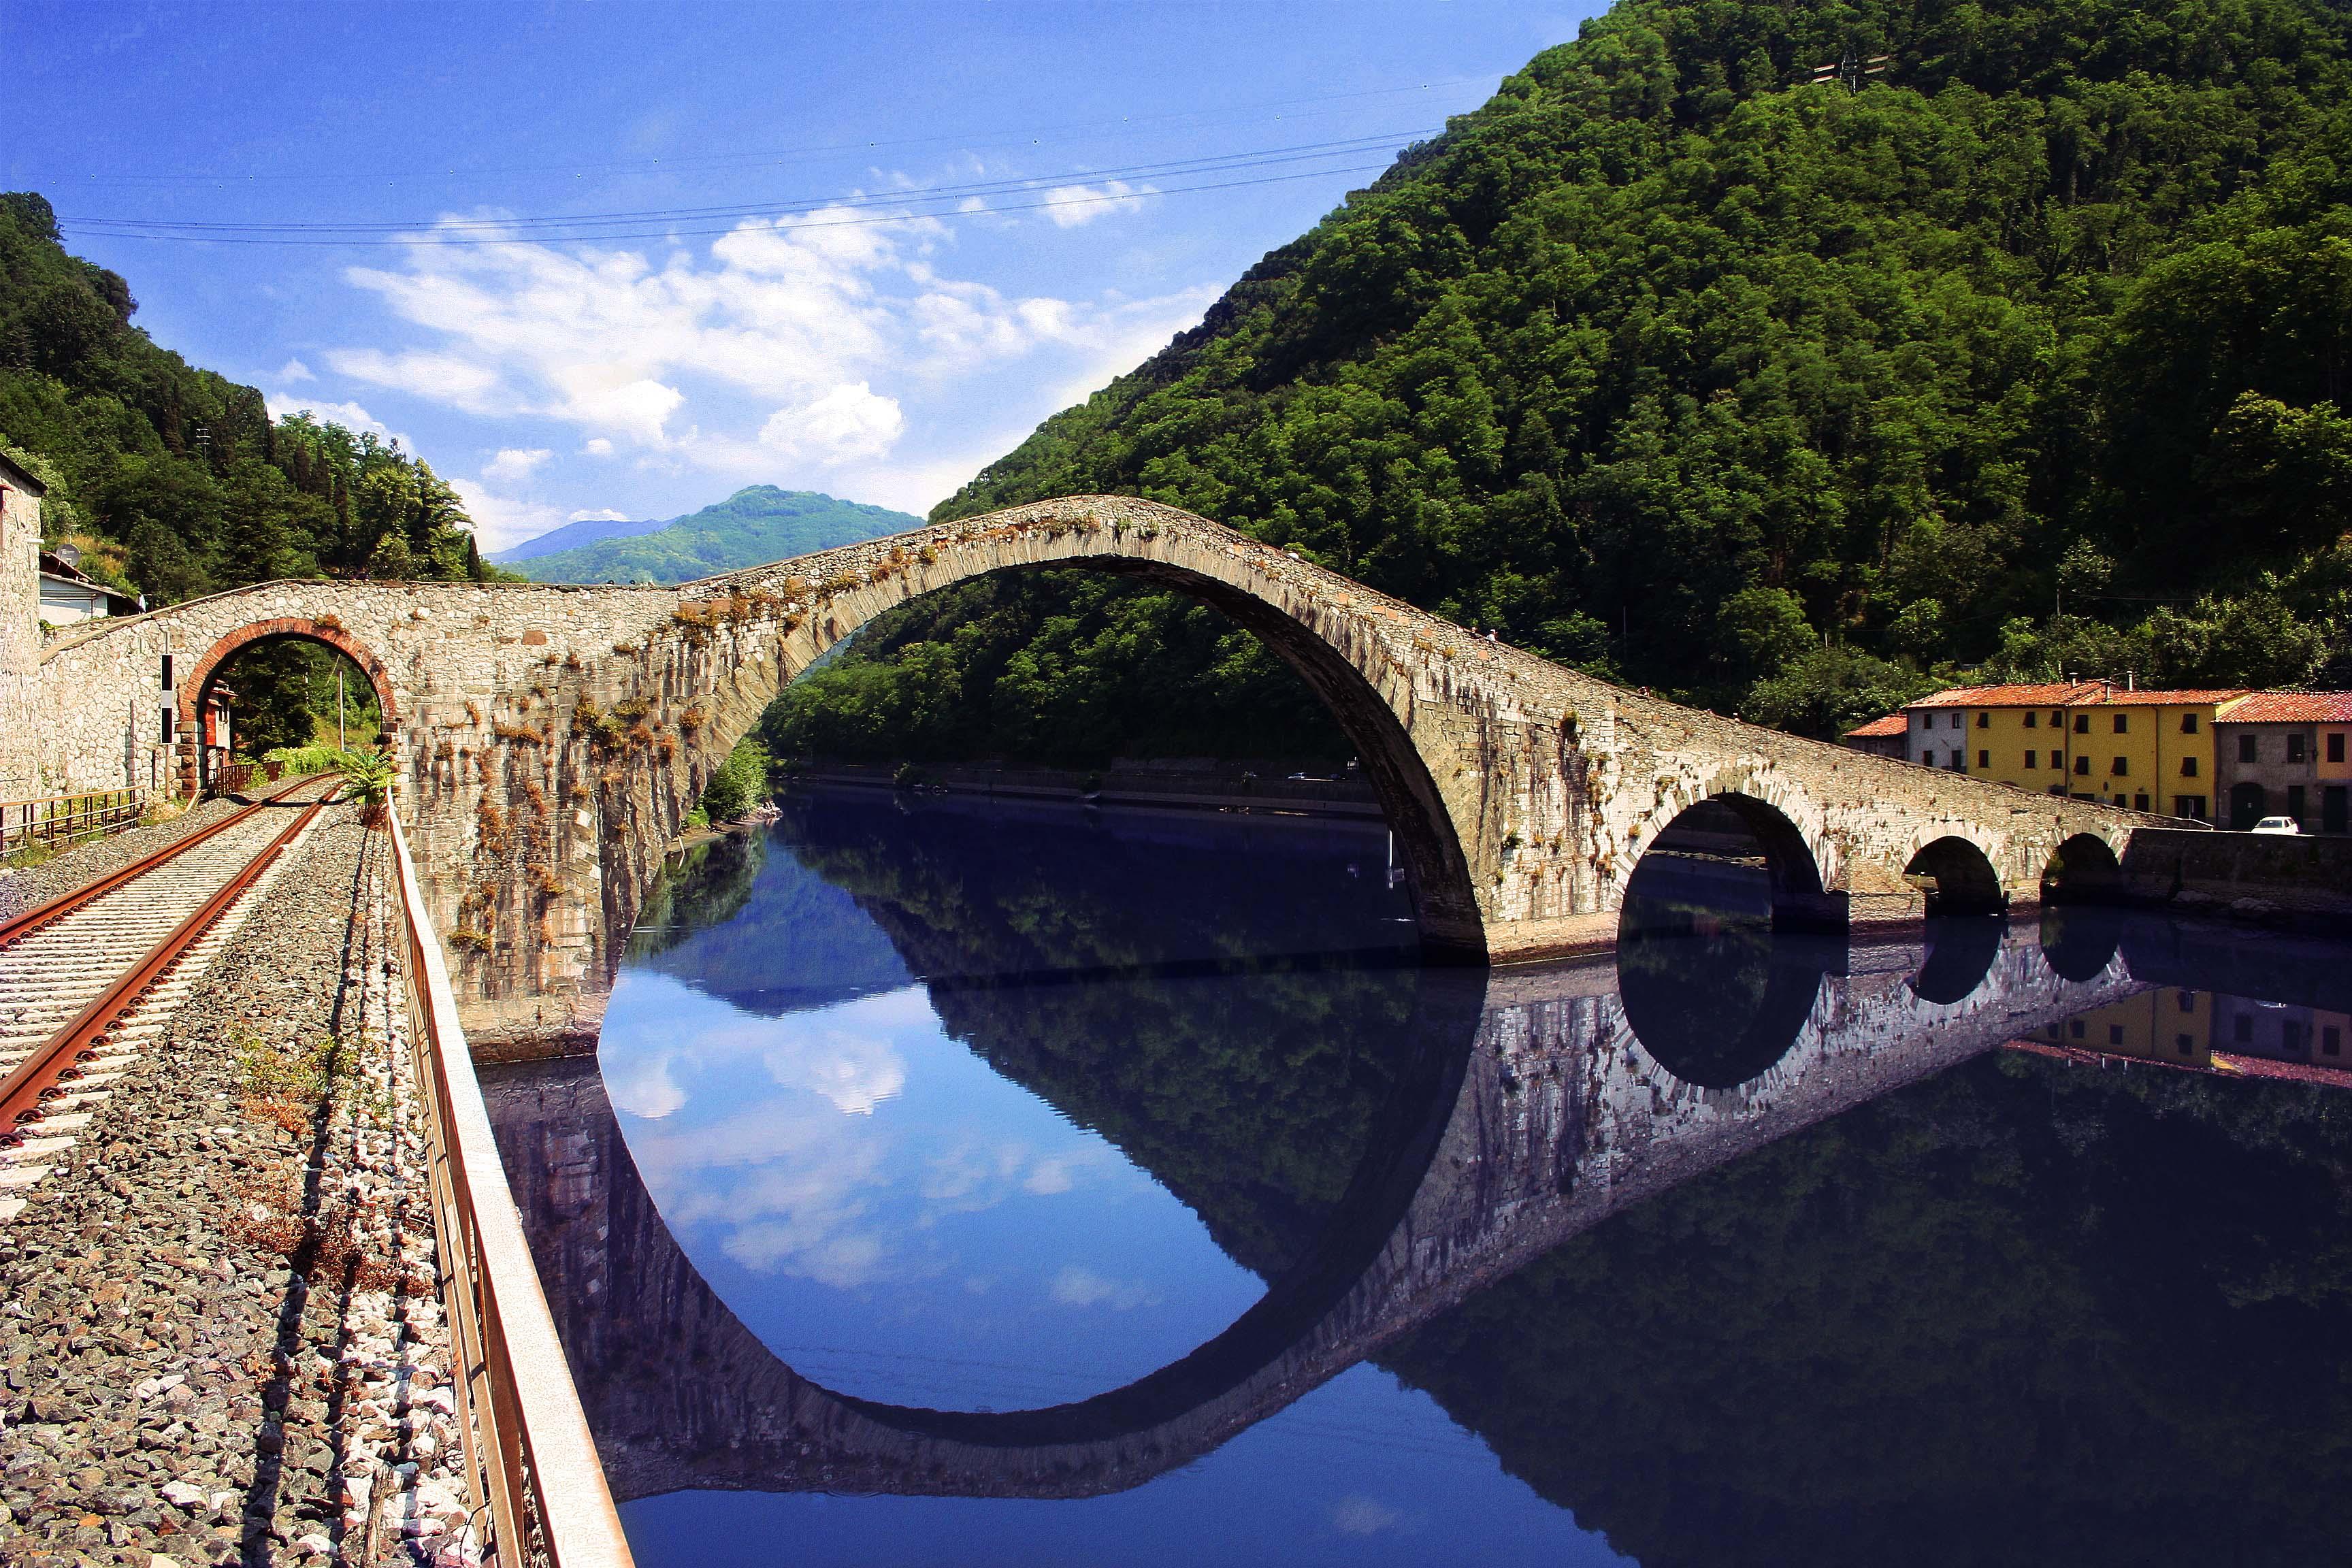 """Il ponte della Maddalena unisce le due sponde del fiume Serchio all'altezza del paese di Borgo a Mozzano. La sua costruzione risale ai tempi della Contessa Matilde di Canossa (1046-1115), che ebbe grossa influenza e potere su questa zona della Toscana, la Garfagnana, ma il suo aspetto attuale è dovuto alla ricostruzione effettuata da Castruccio Castracani (1281-1328), condottiero e signore della vicina Lucca, nei primi anni del 1300. L'aspetto del ponte è quello medievale classico a 'schiena d'asino', con la differenza, che qui diventa caratteristica unica, che le sue arcate sono asimmetriche e quella centrale è talmente alta e ampia che la sua solidità sembra una sfida alla legge di gravità. Il ponte è comunemente chiamato 'del Diavolo' in forza di una leggenda popolare della zona, rinforzata dall'aspetto scombinato del ponte: un capo muratore aveva iniziato a costruirlo ma ben presto si accorse che non sarebbe riuscito a completare l'opera per il giorno fissato e preso dalla paura delle possibili conseguenze si rivolse al Maligno chiedendo aiuto al fine di terminare il lavoro. Il Diavolo accettò di completare il ponte in una notte in cambio dell'anima del primo passante che lo avesse attraversato. Il patto fu siglato ma il costruttore, pieno di rimorso, si confesso con un religioso della zona che lo consigliò di far attraversare il ponte per primo ad un porco. Il Diavolo fu così beffato e scomparve nelle acque del fiume. La foto, che ha partecipato al concorso PREMIO DI FOTOGRAFIA """"Uno scatto di solidarietà"""" indetto da """" La Venerabile Arciconfratenita della Misericordia di Firenze"""", si è classificata al secondo posto: premiazione avvenuta il 22/05/2010."""